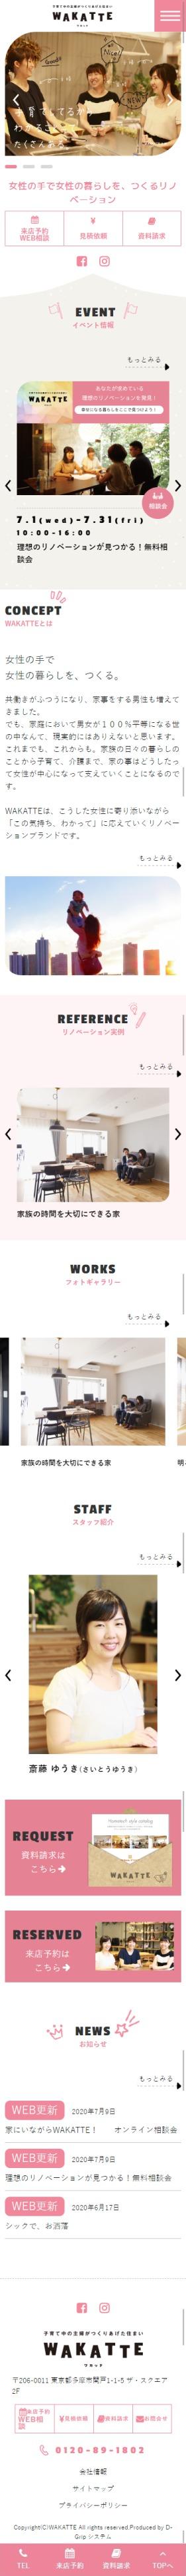 ホームテック株式会社様 WAKATTEサイト